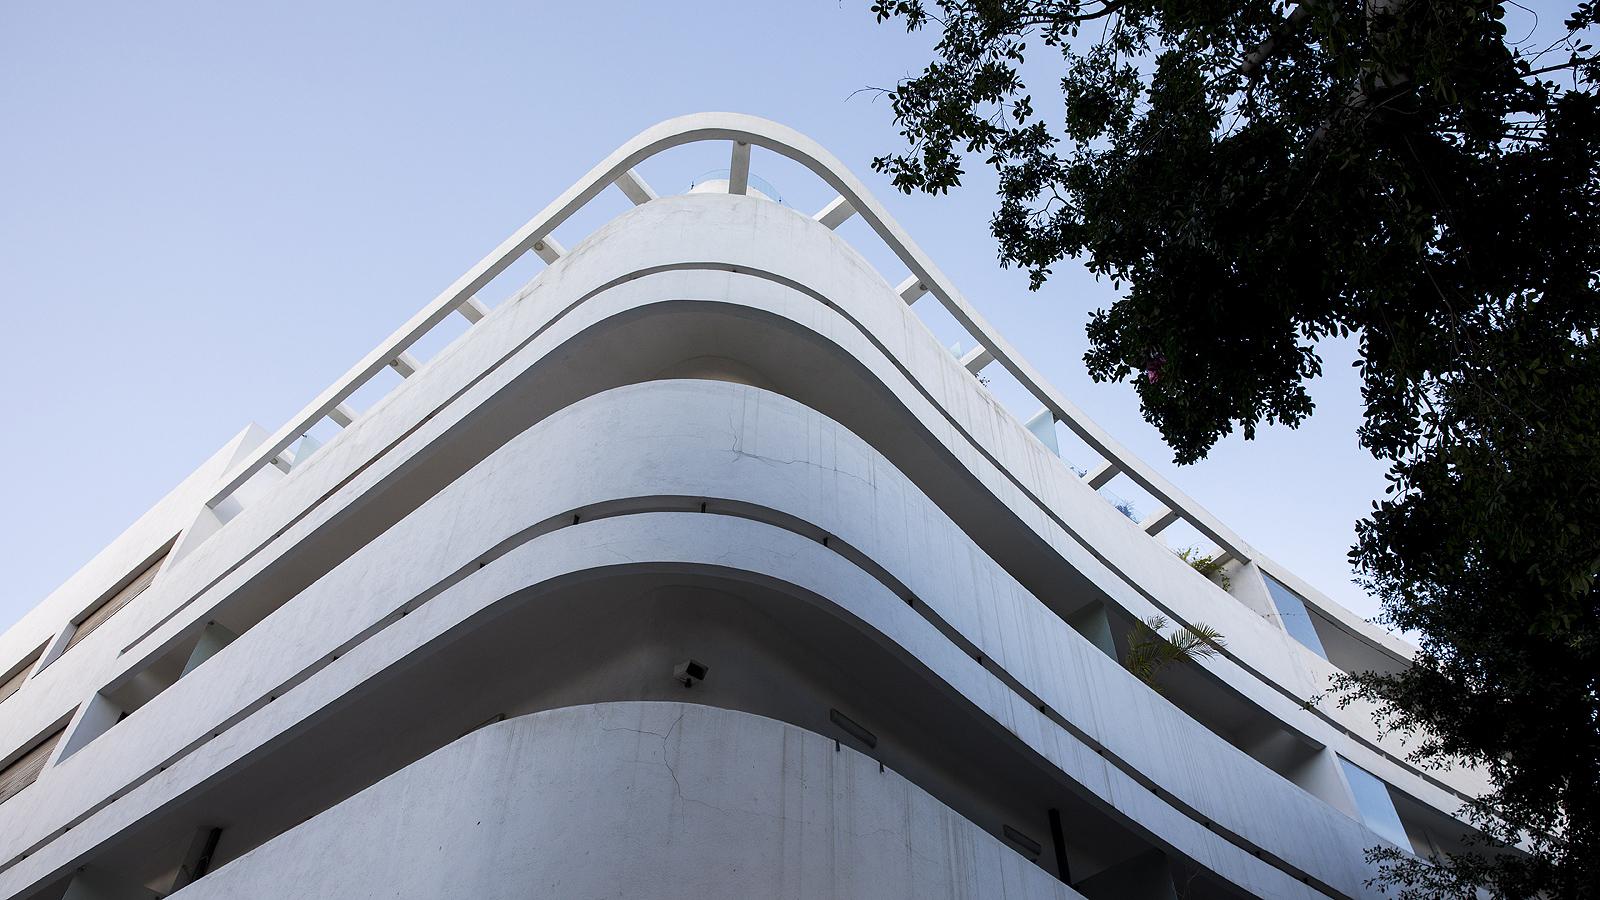 """Баухаус, буквално преведен като """"строителна къща"""", представлява един от най-важните стилове в архитектурата между 1920 и 1930 г. по времето, когато модернисткото изкуство е завладяло западния свят."""